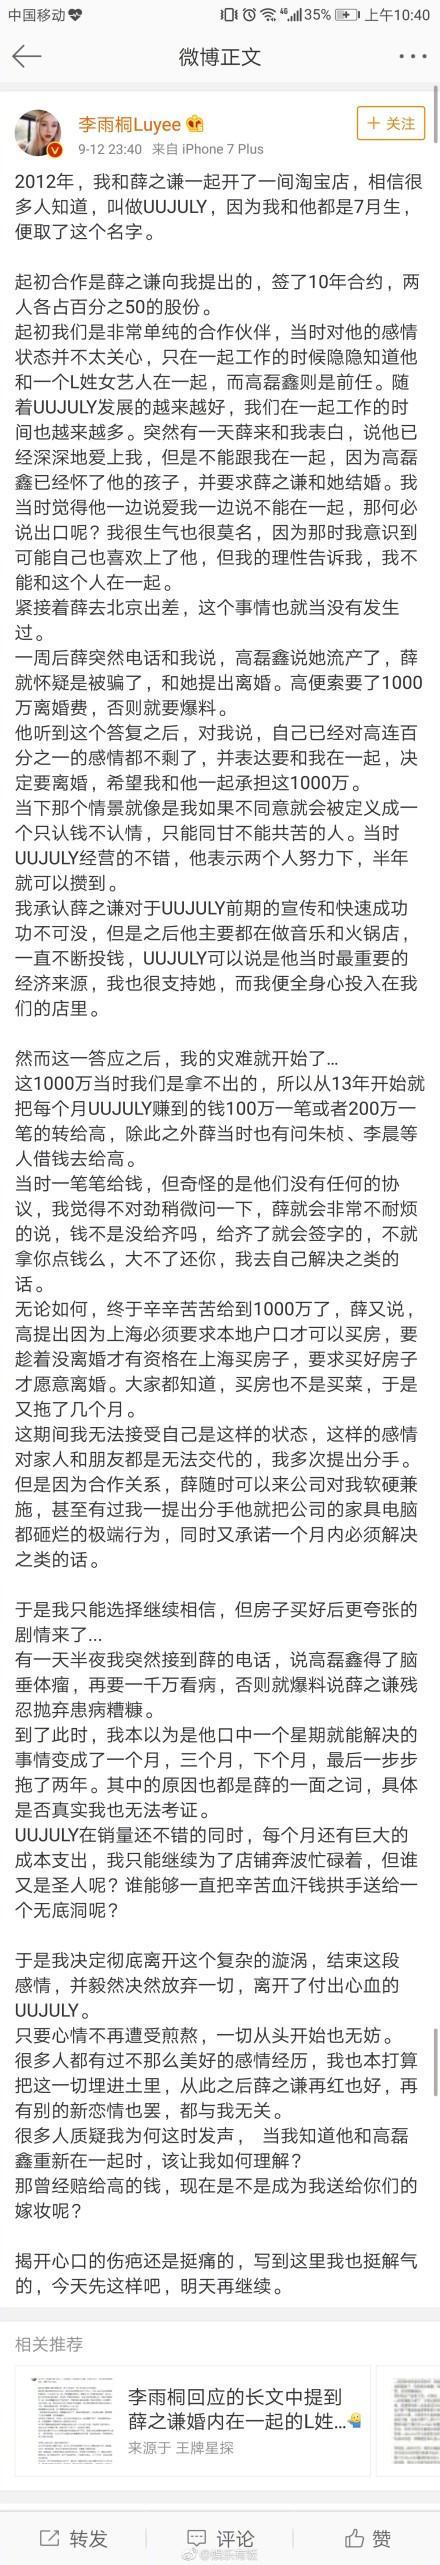 7年前就回应过吃软饭,薛之谦日本工作被偶遇,心情未受影响